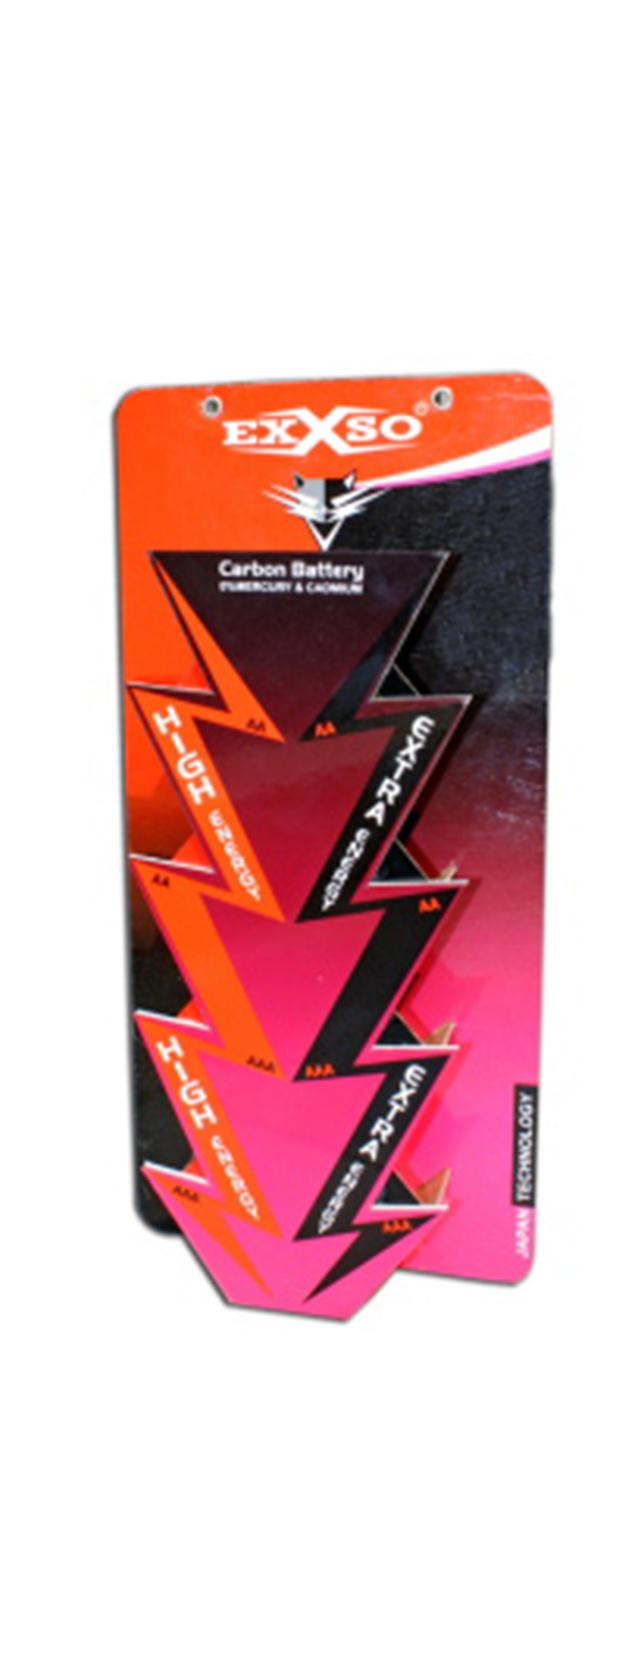 exxso battery